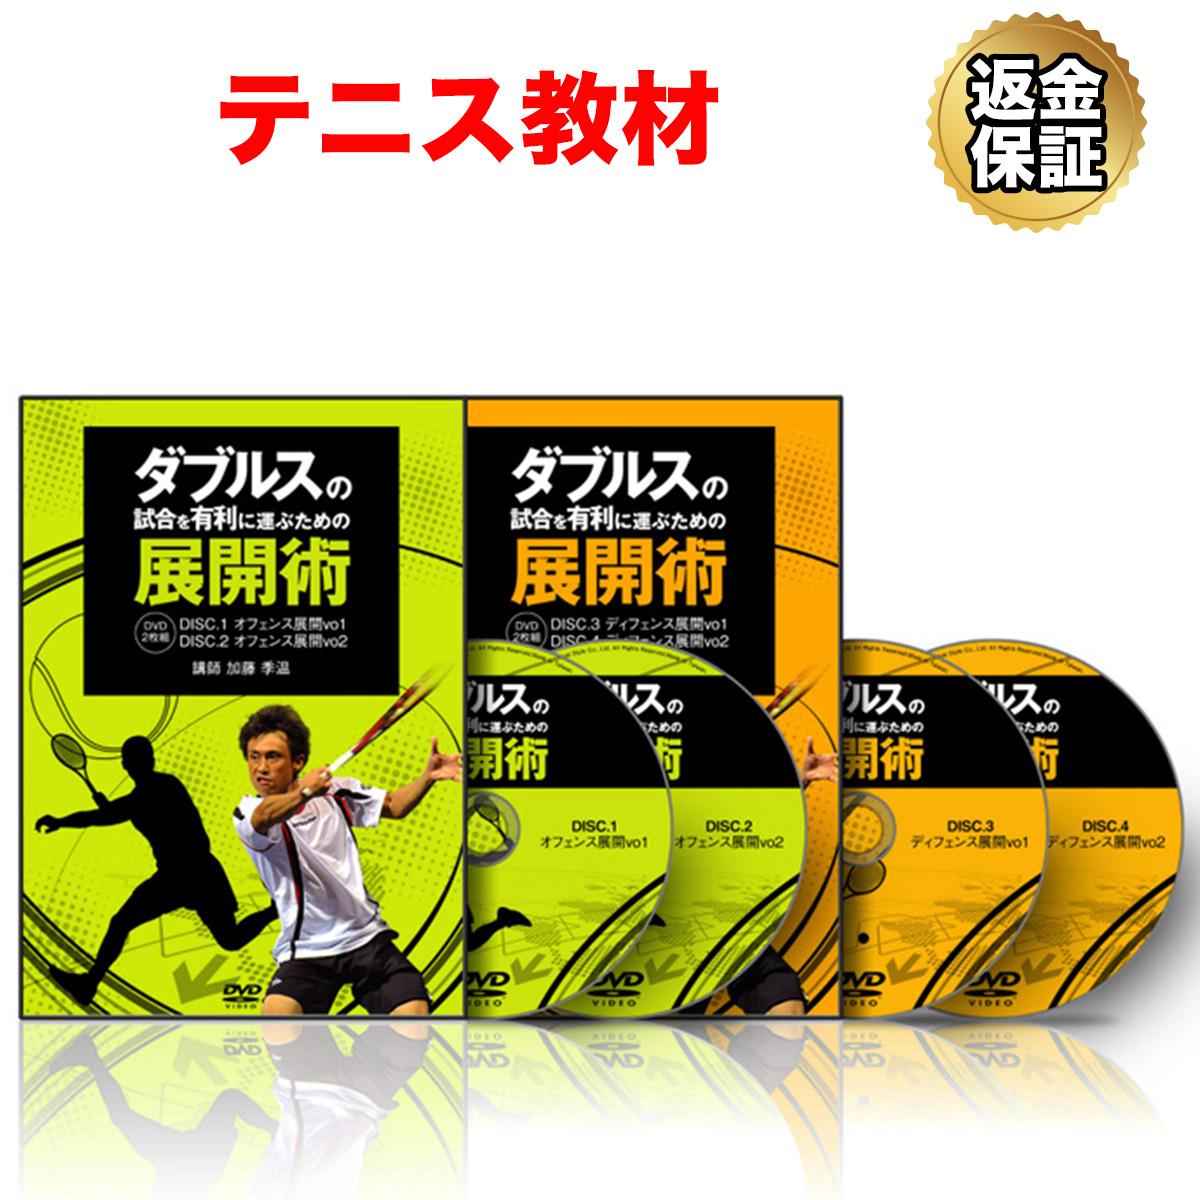 全日本選手権優勝の現役プロテニス選手が公開する 46のダブルス必勝パターン テニス 教材 当店は最高な サービスを提供します 全国どこでも送料無料 DVD ダブルスの試合を有利に運ぶための展開術 フルセット